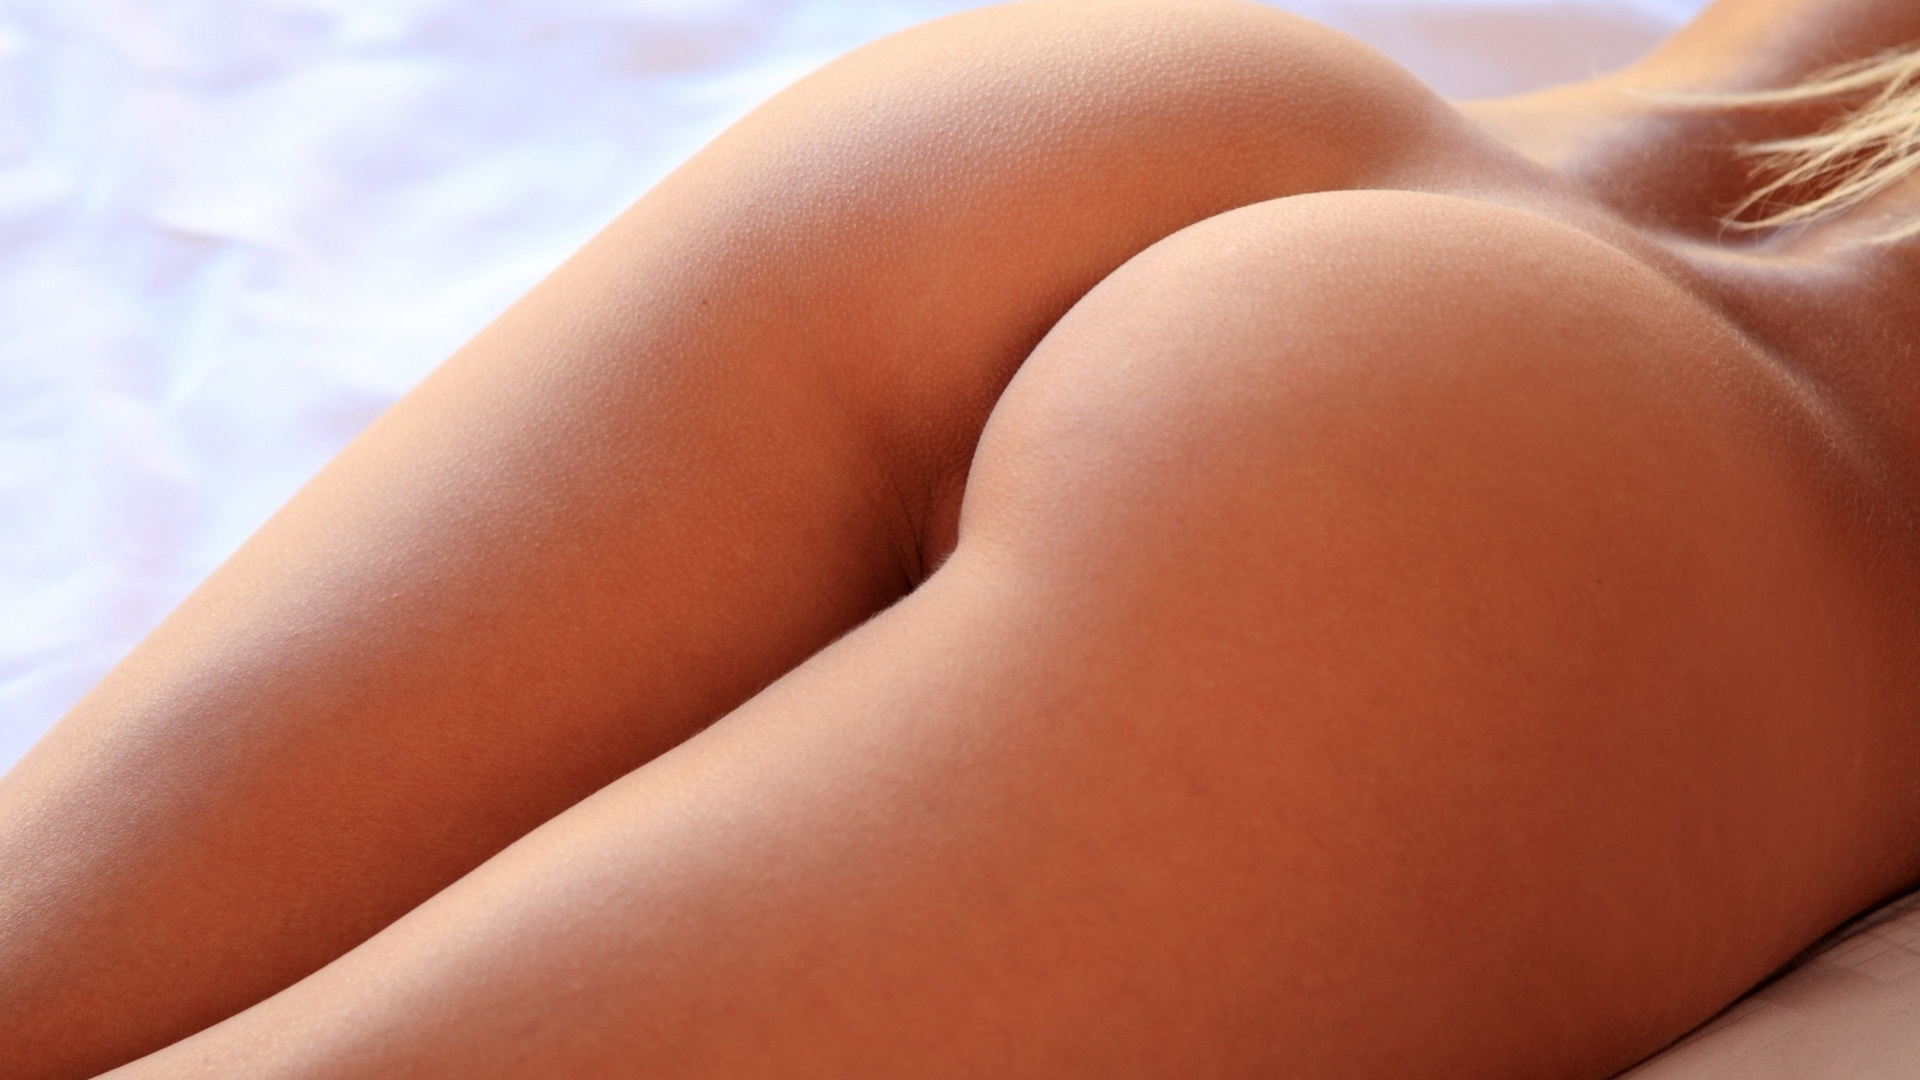 совместная жизнь фото крупным планом красивых голых поп поза очень